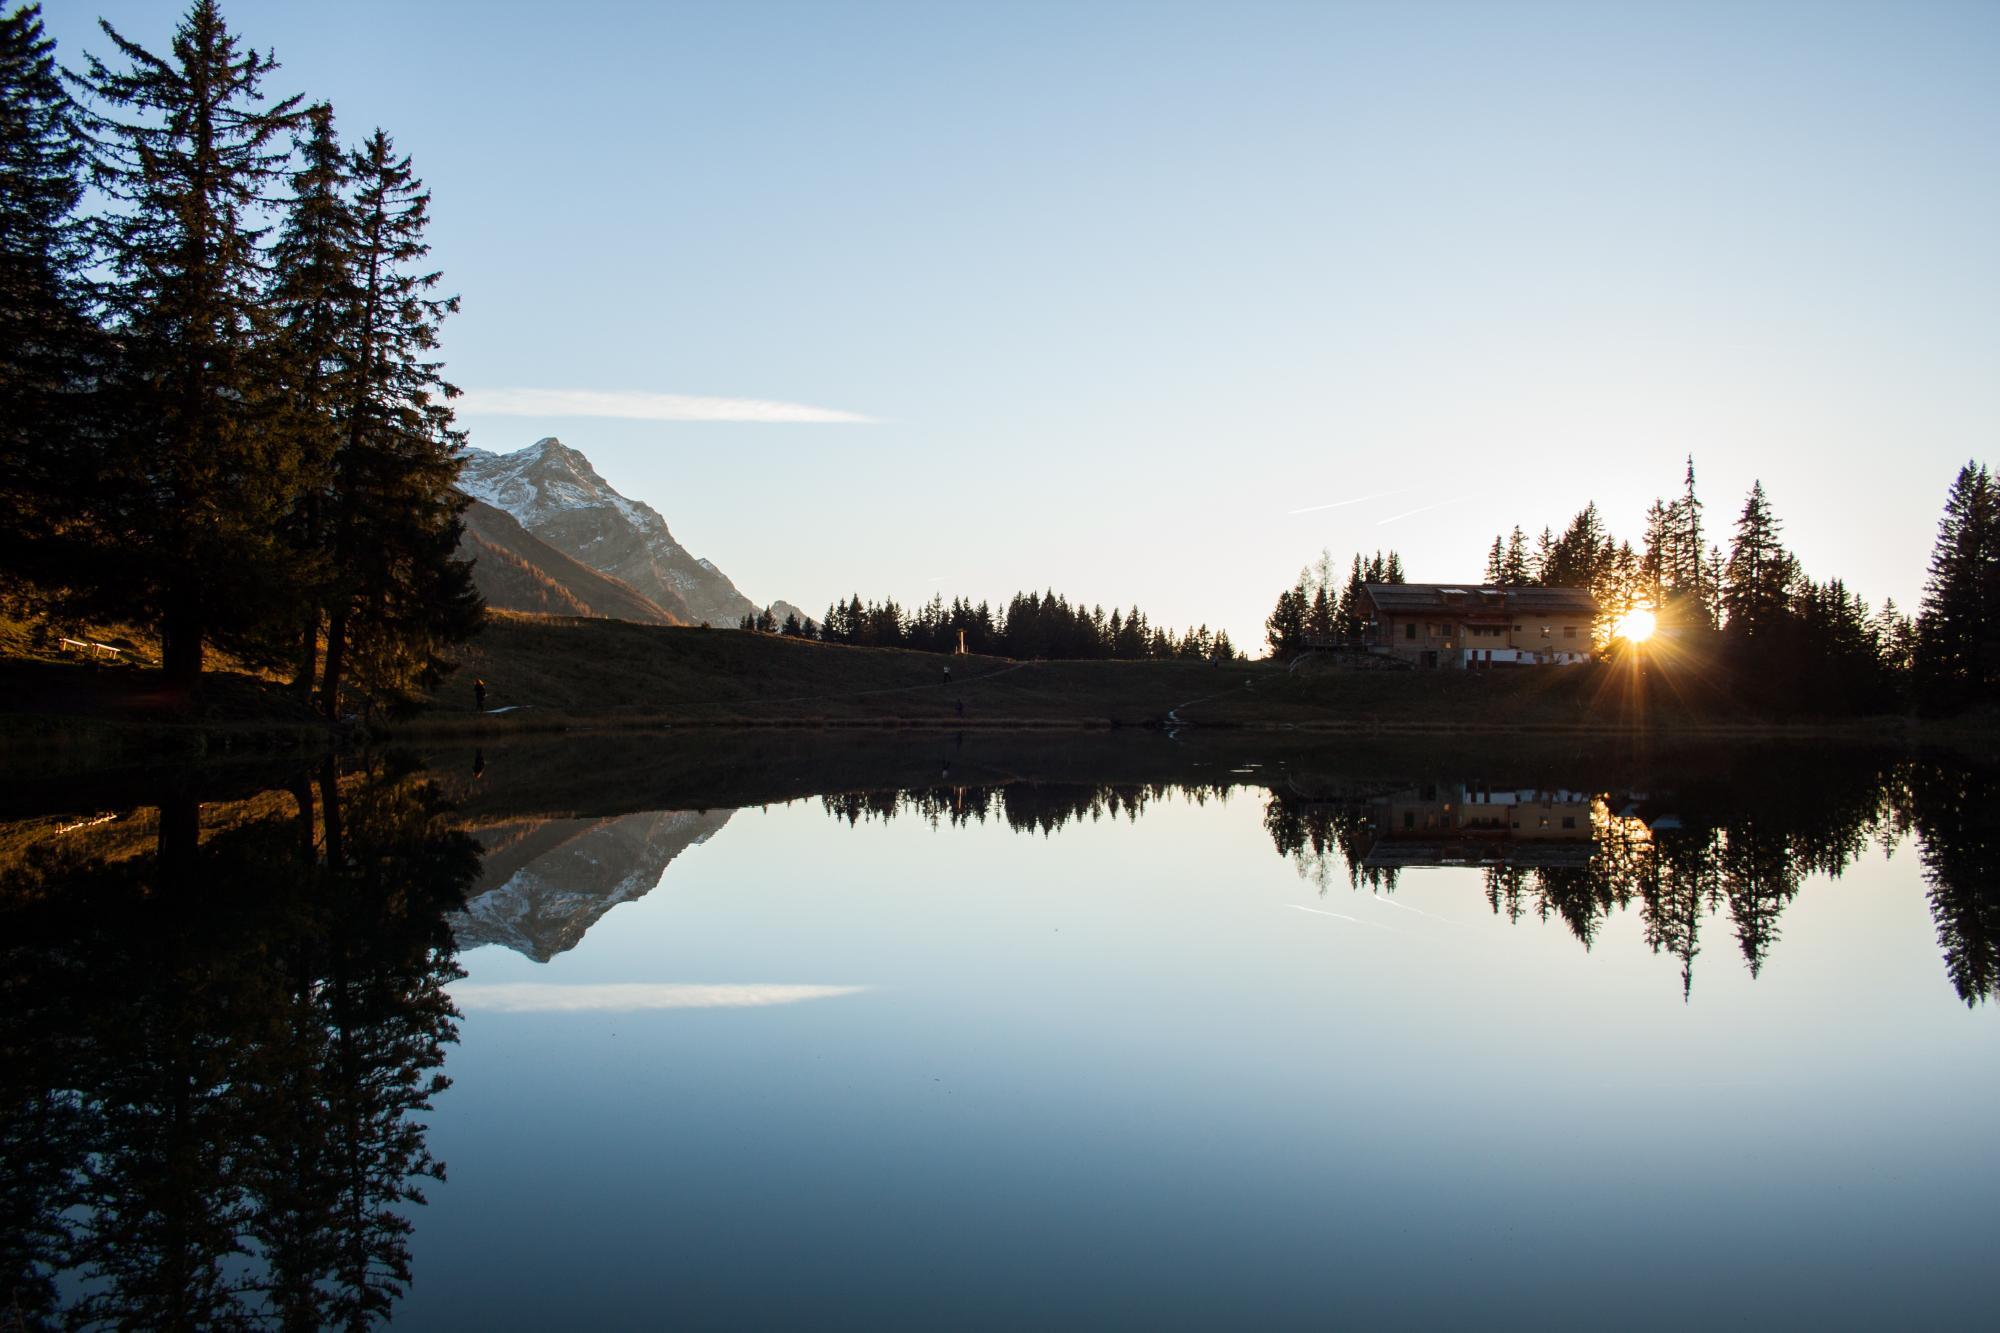 Lac retaud villars gryon les diablerets bex suisse - Office tourisme diablerets ...